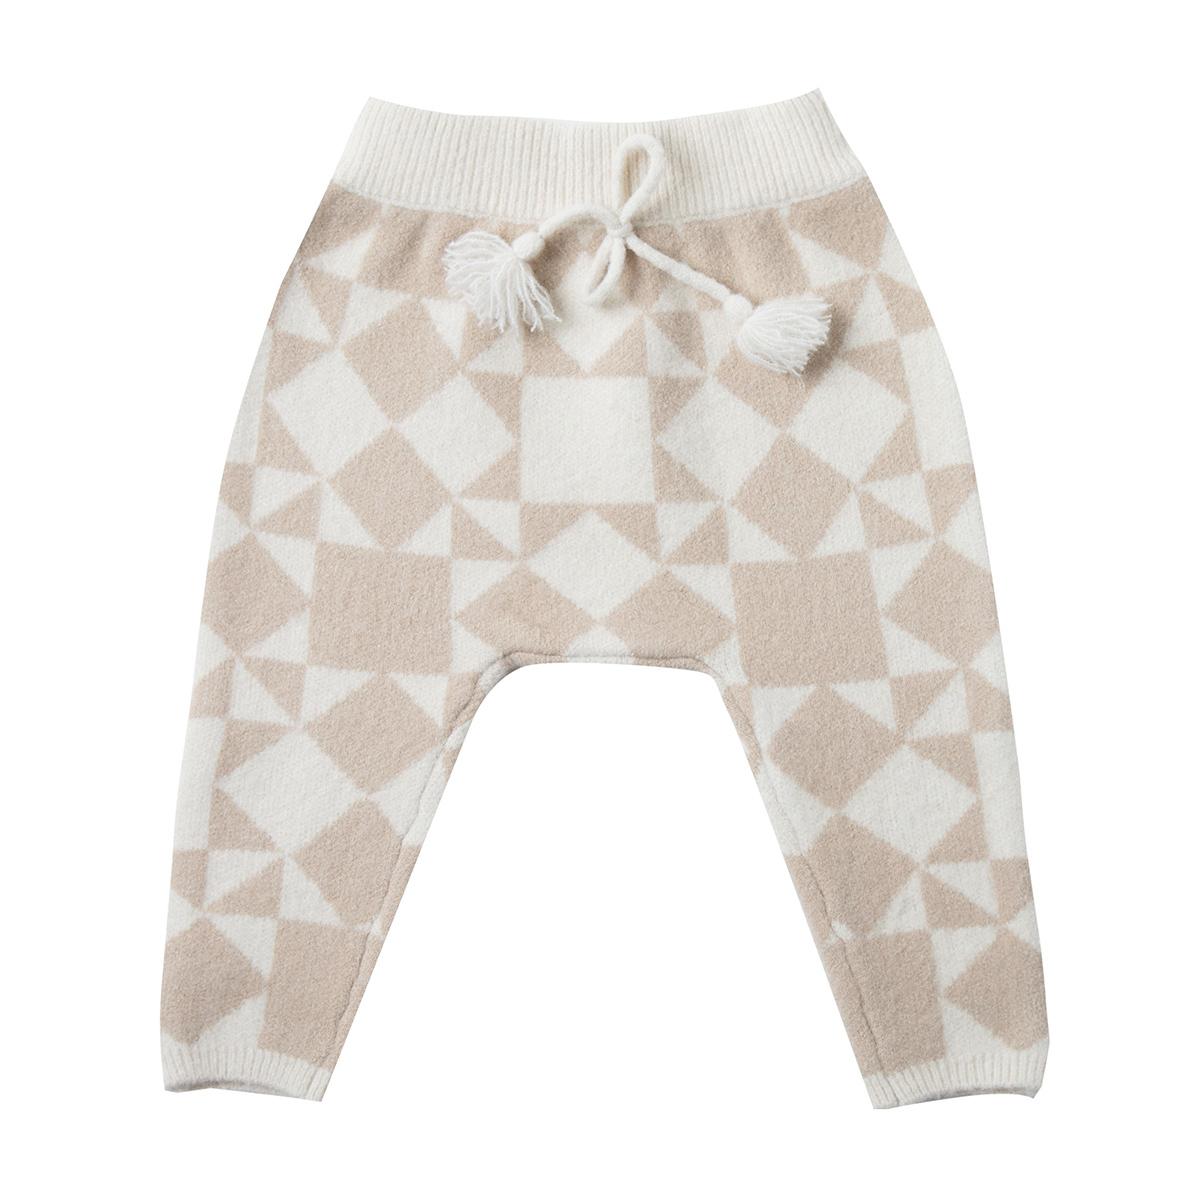 Bas Bébé Pantalon Patchwork Jacquard Ivoire - 18/24 Mois Pantalon Patchwork Jacquard Ivoire - 18/24 Mois